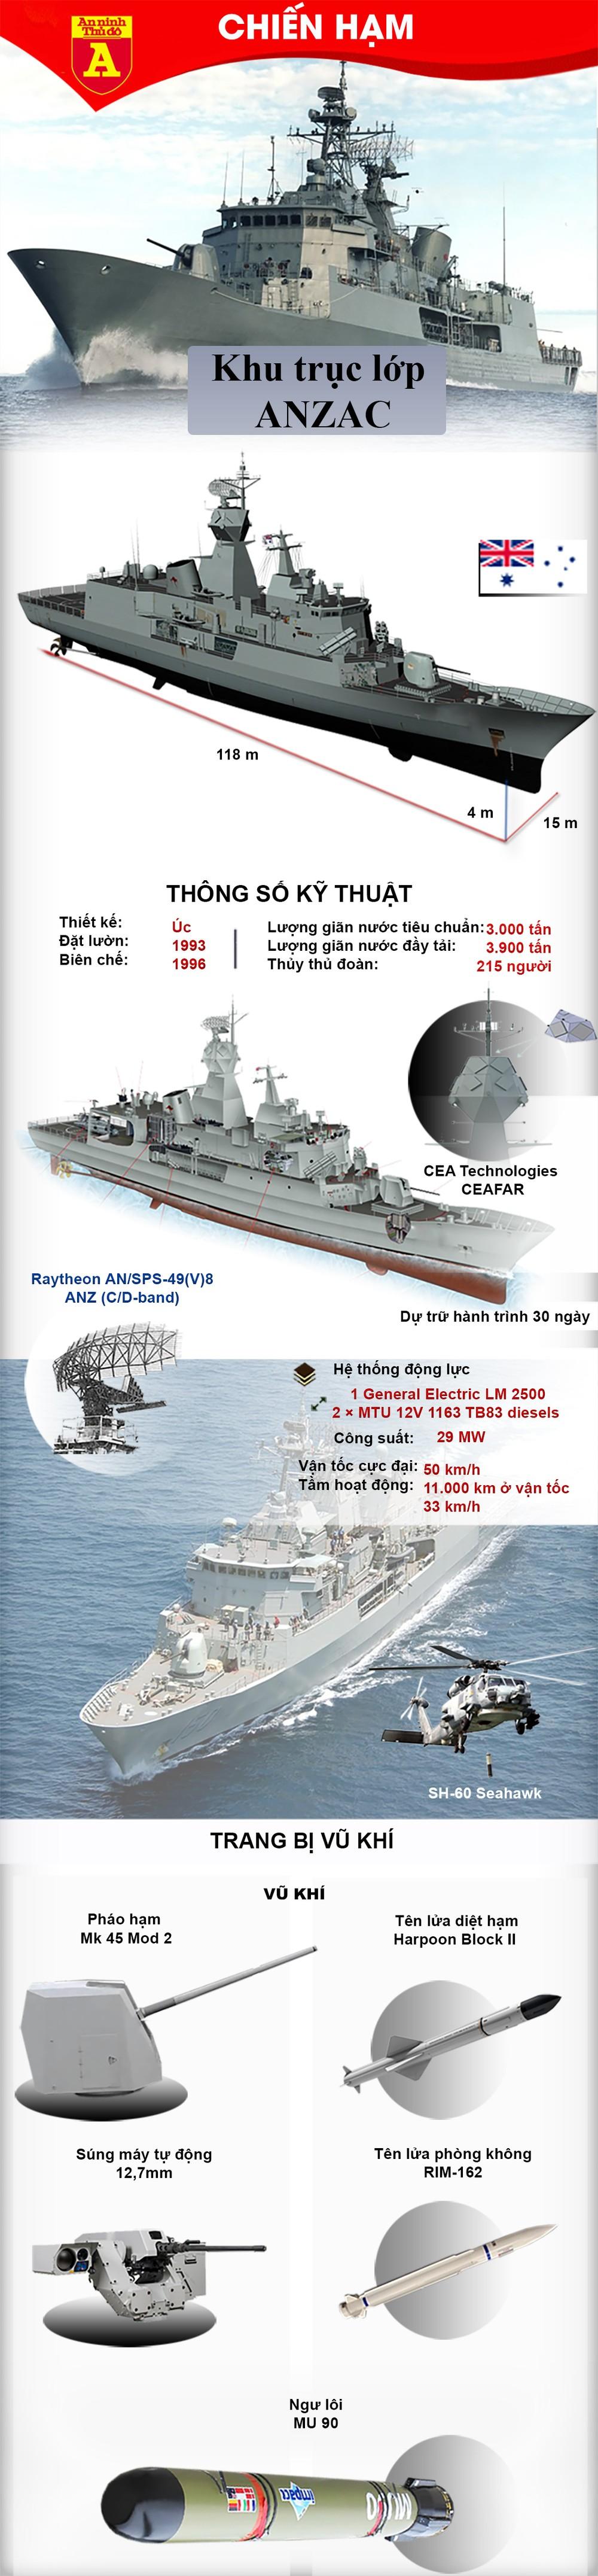 [Info] Australia bất ngờ điều chiến hạm tới Trung Đông ảnh 2